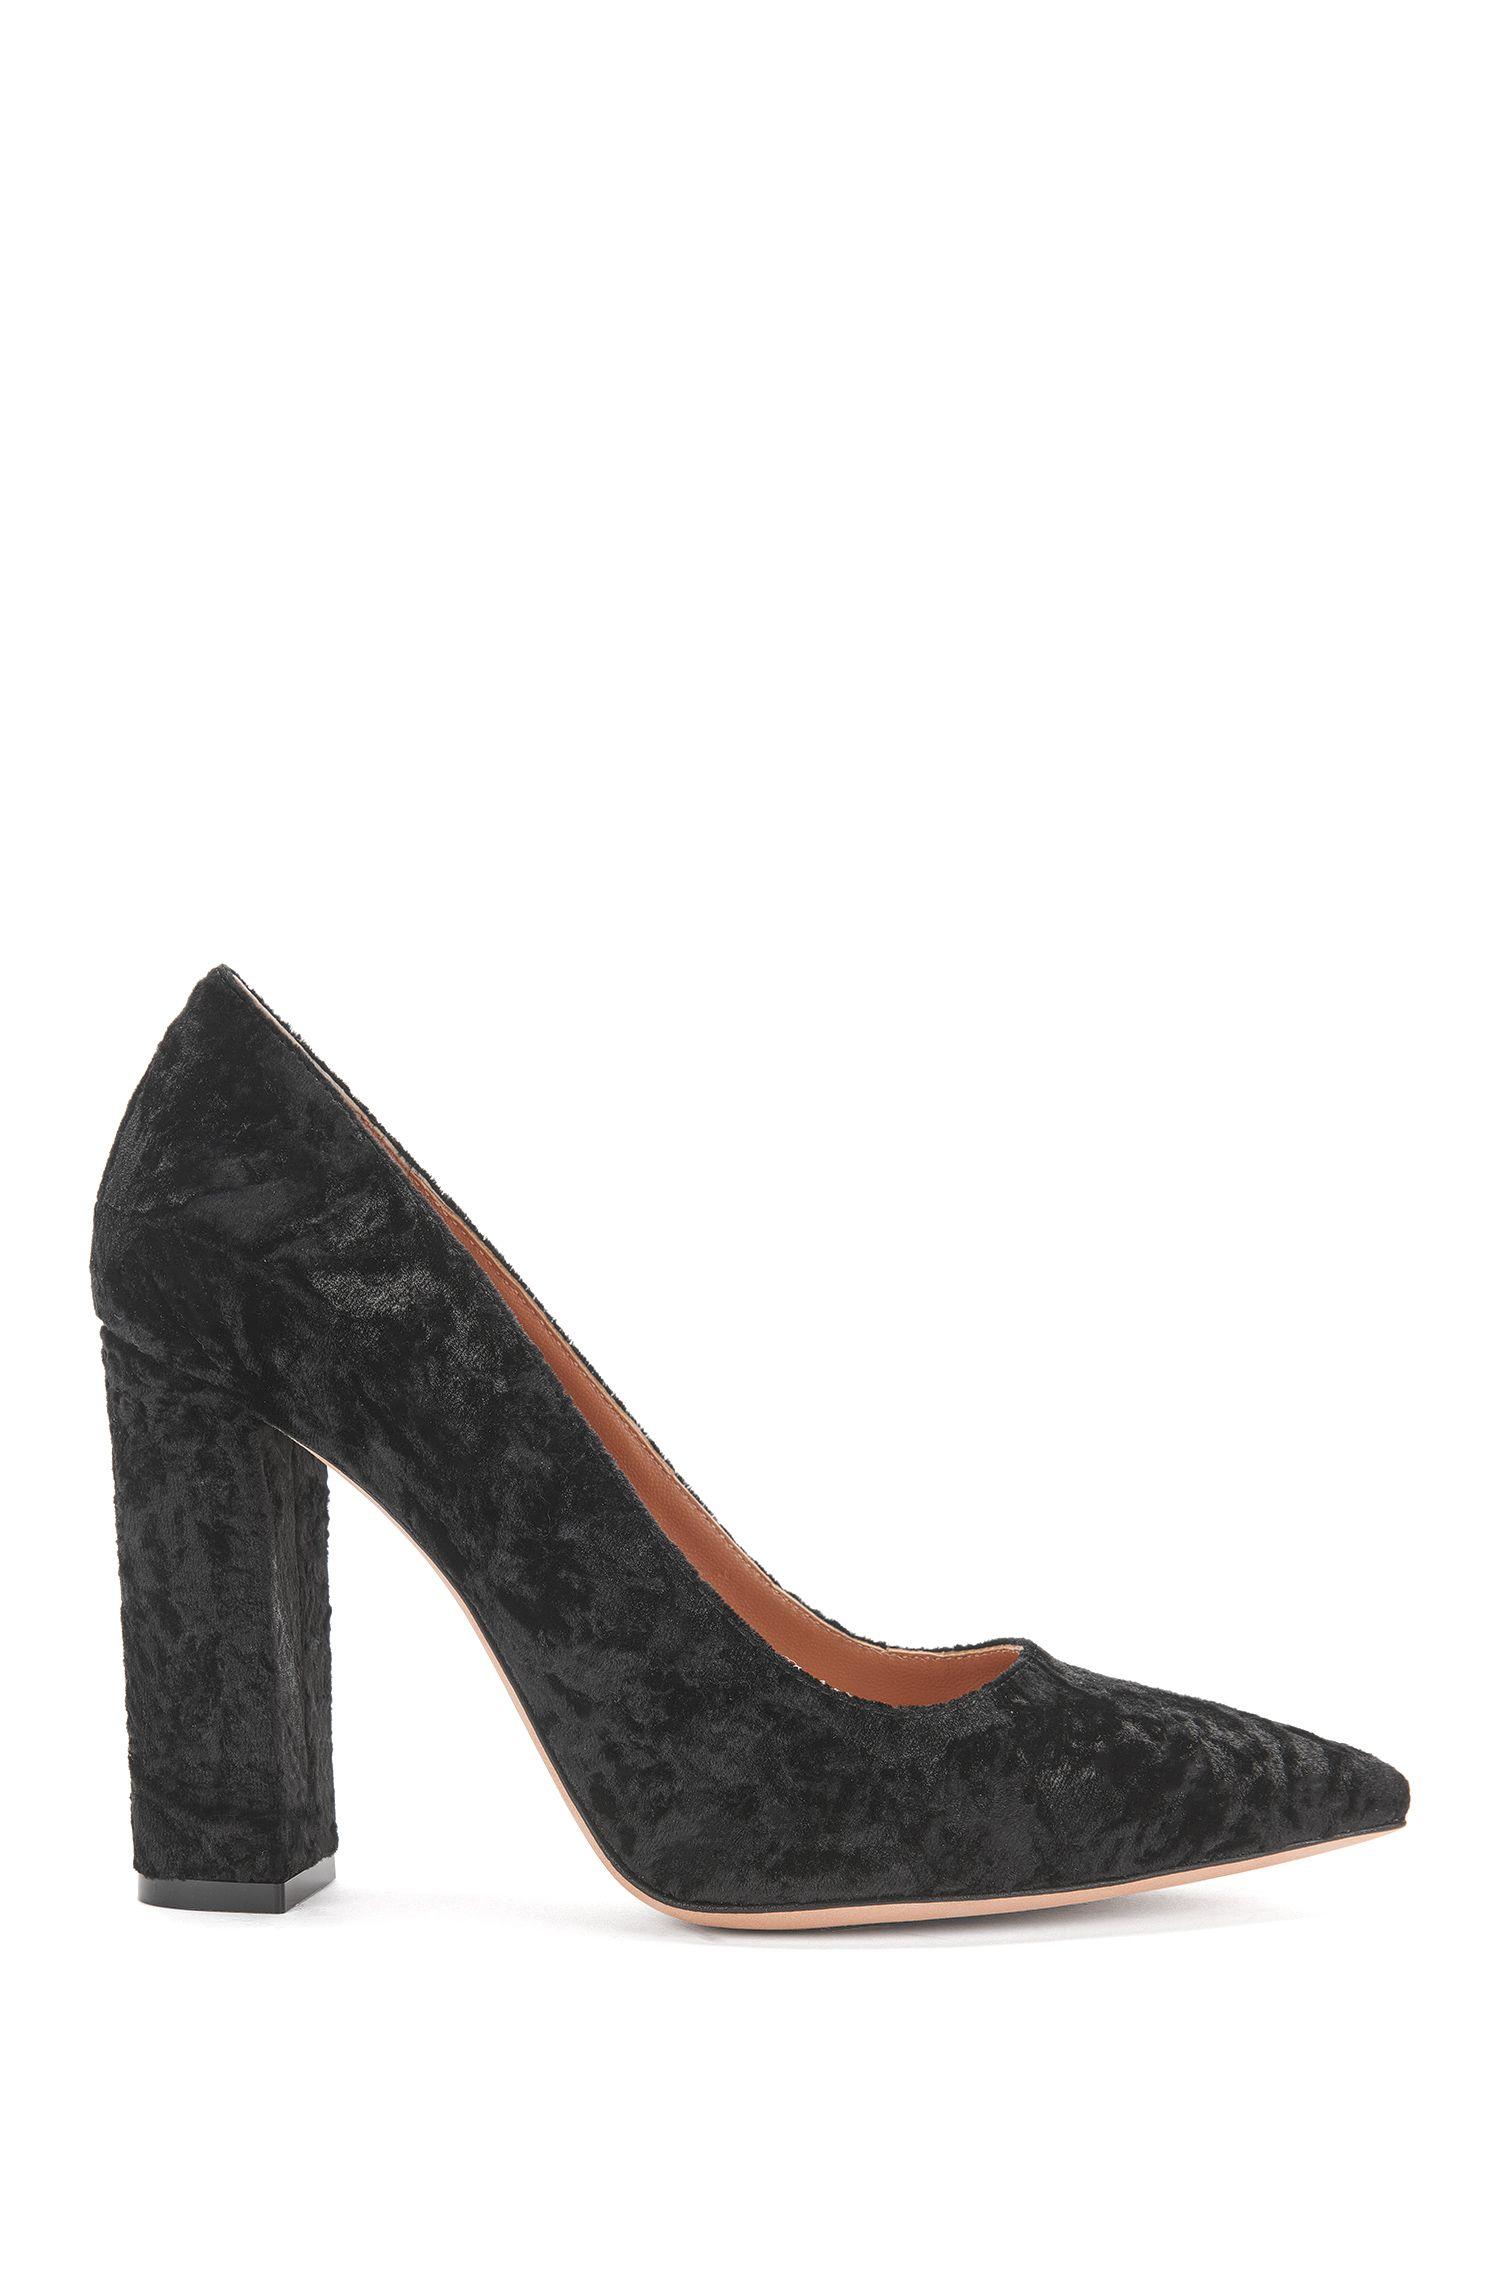 Zapatos de salón de terciopelo aplastado con tacón en bloque